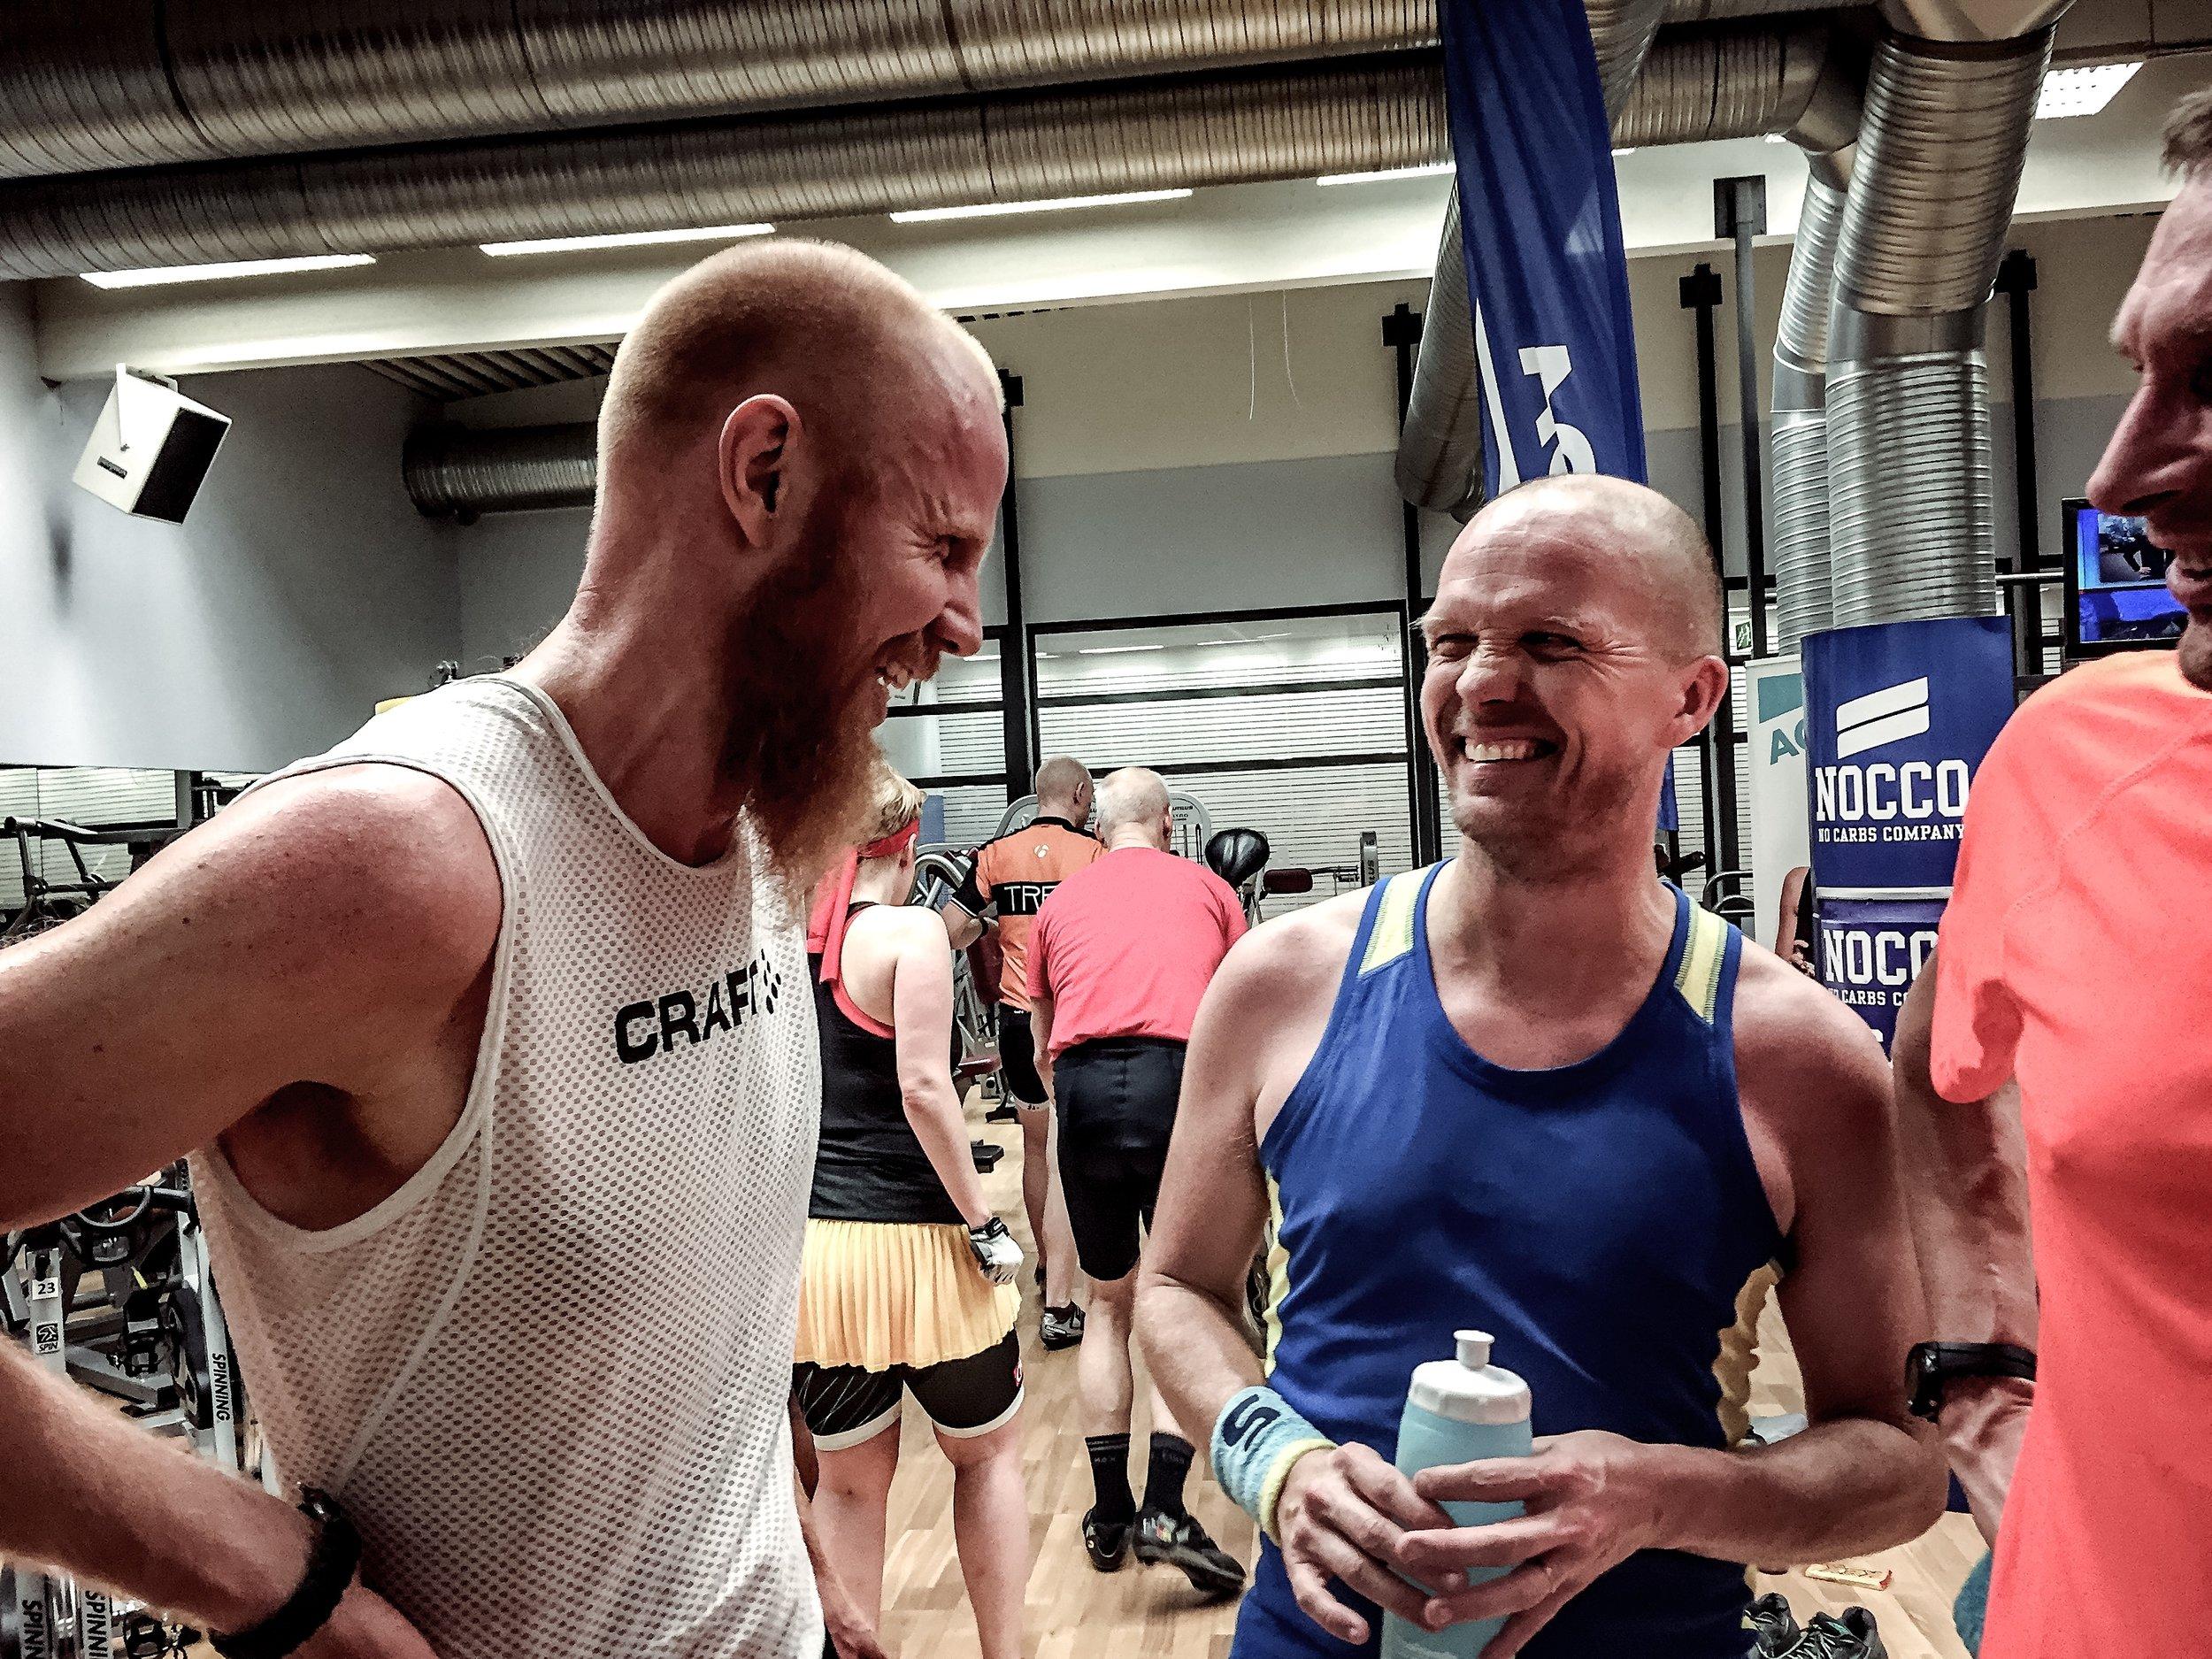 Johnny och Christer, smågalna 6-timmars-löpare.